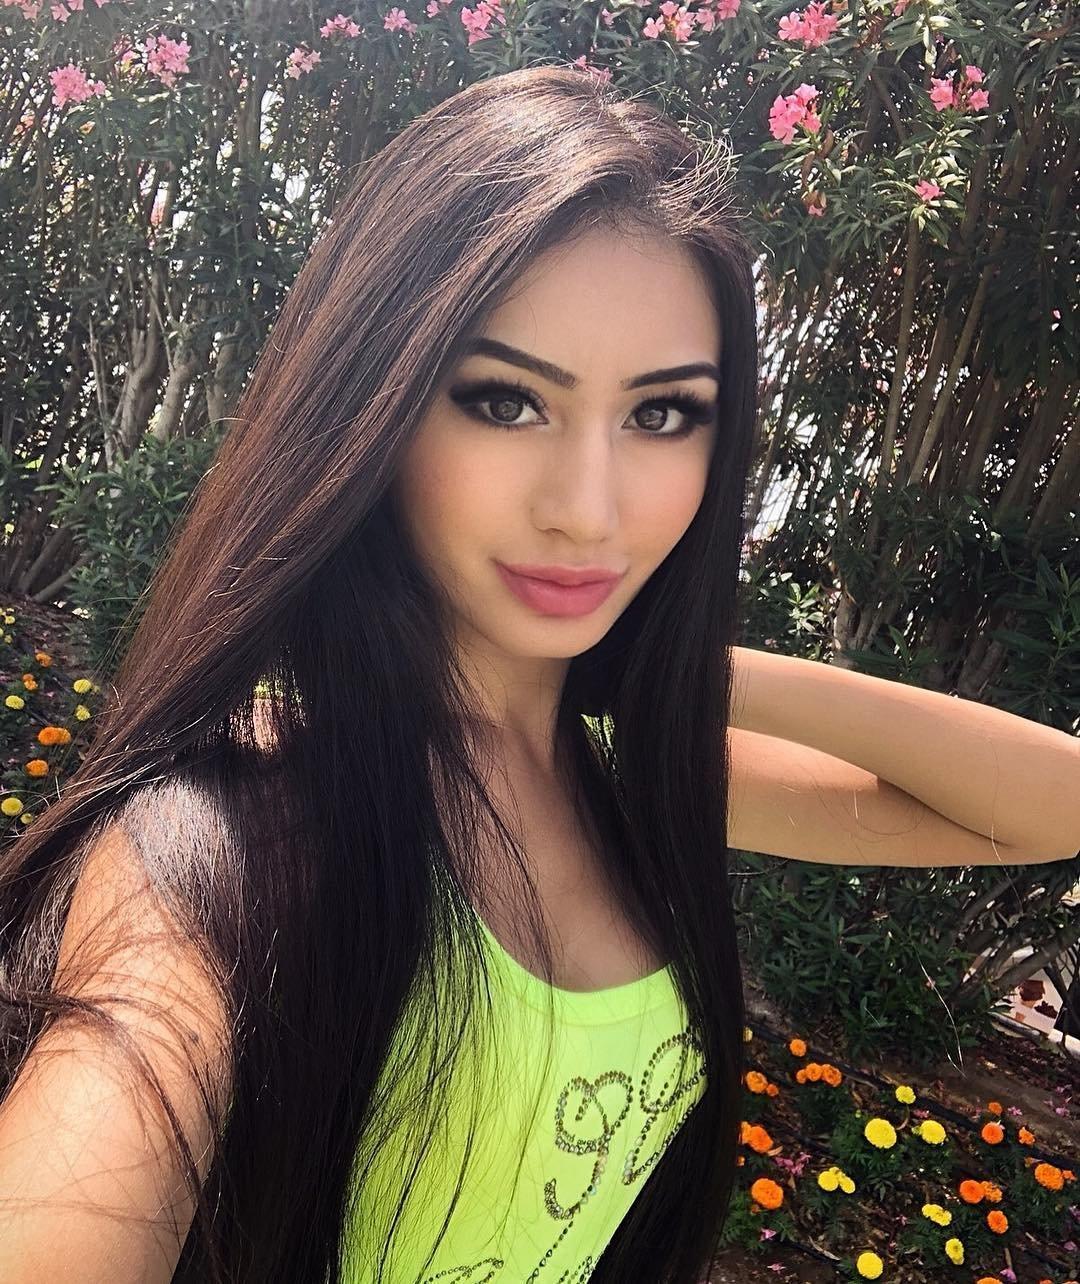 Красивые казашки покоряют мир: шикарные девчонки 15